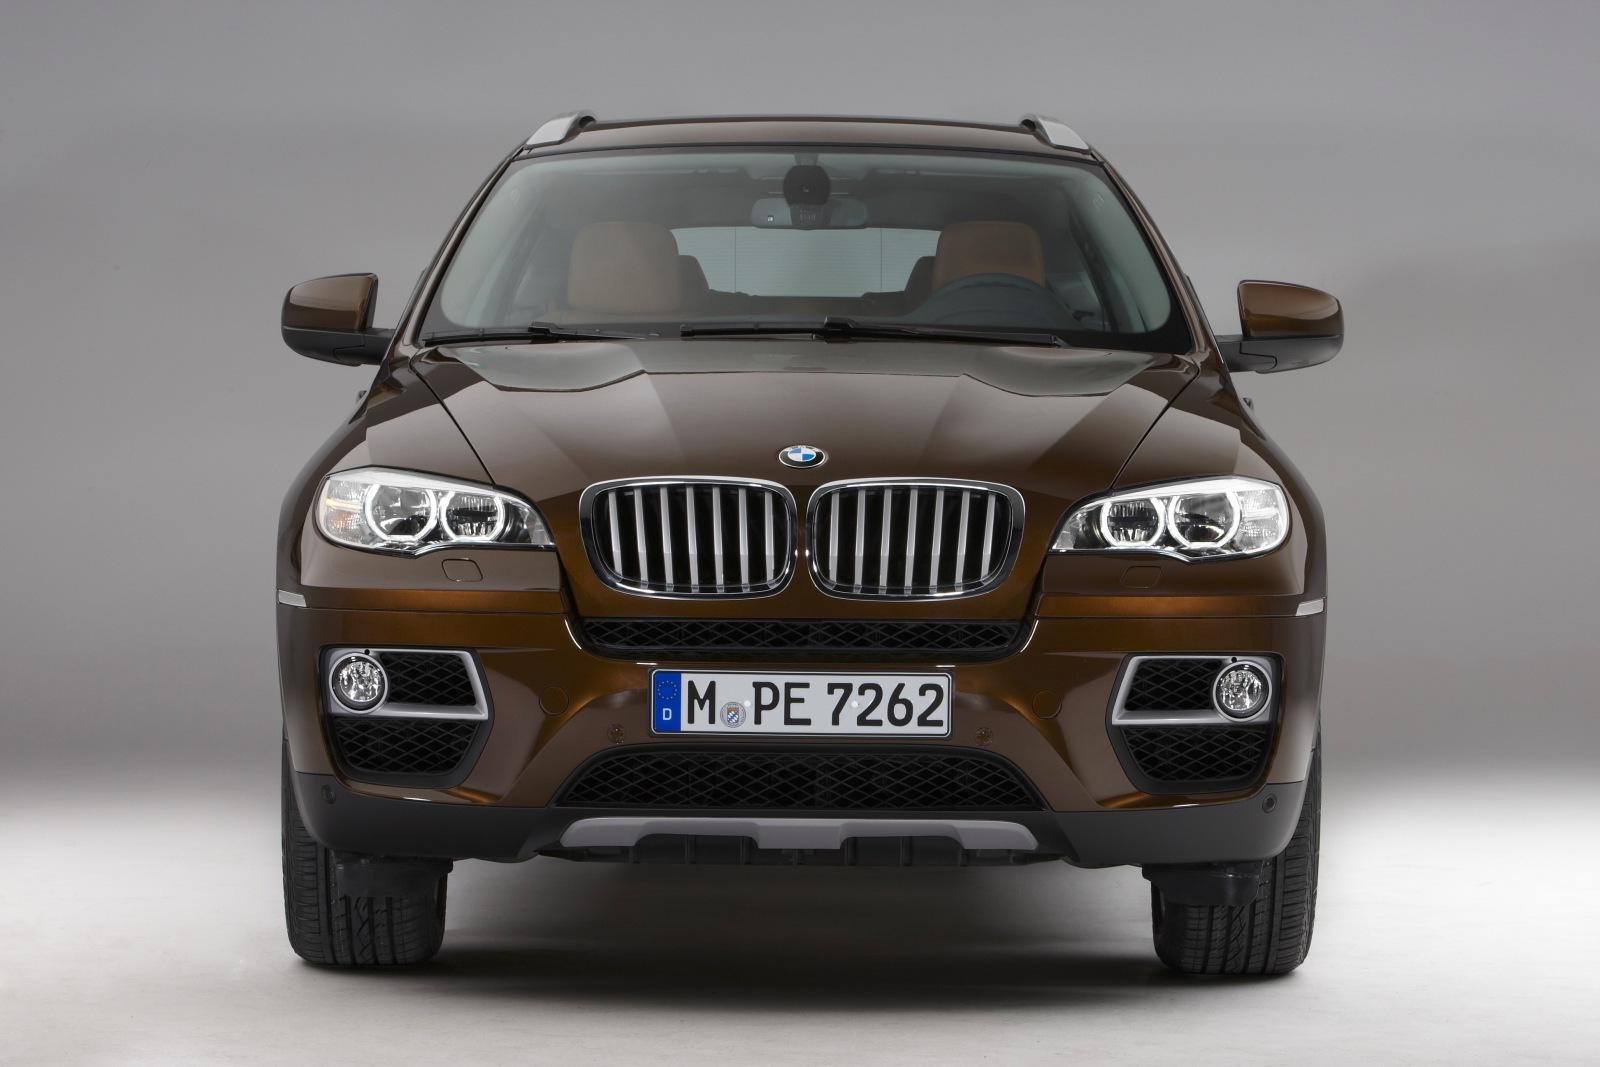 bmw x6 2012 precio ficha t cnica im genes y lista de rivales lista de carros. Black Bedroom Furniture Sets. Home Design Ideas